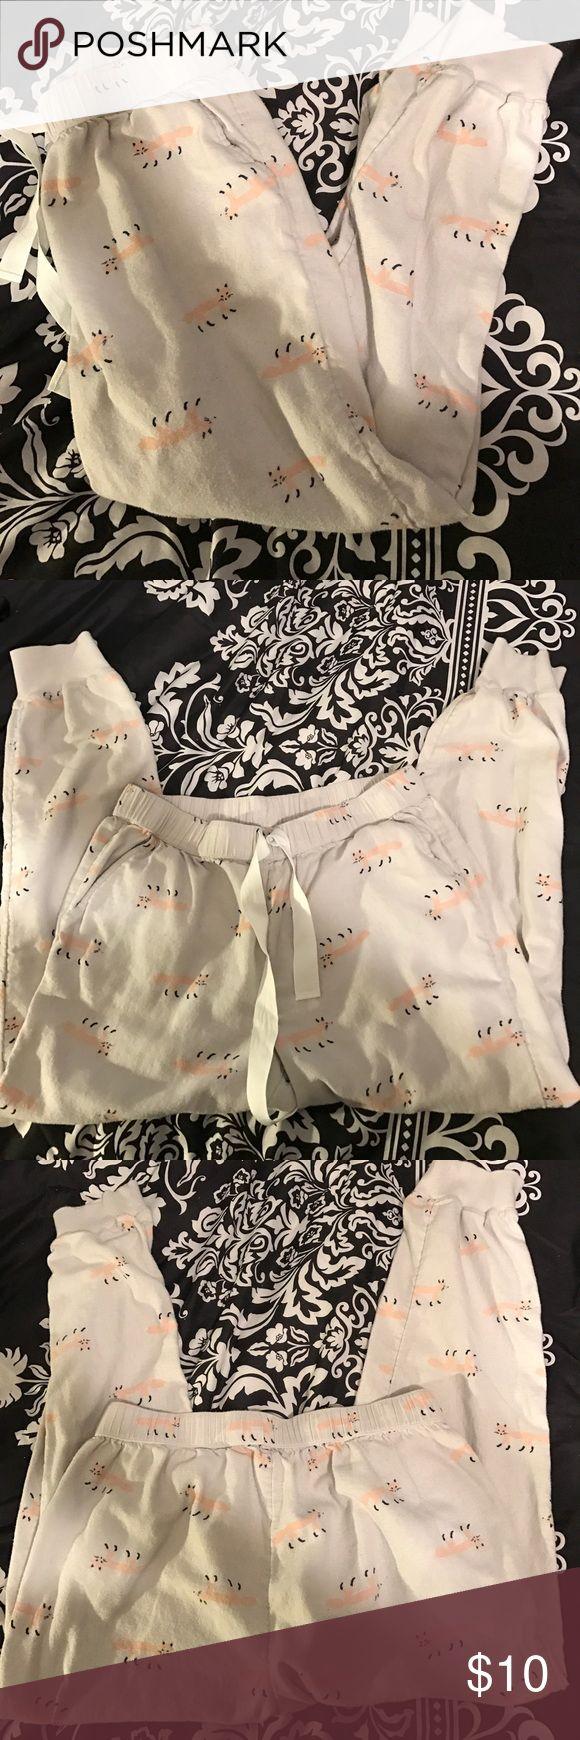 Aerie pajama pants Cream colored jogging style pajama pants with drawstring and cute fox print. Size small. aerie Intimates & Sleepwear Pajamas